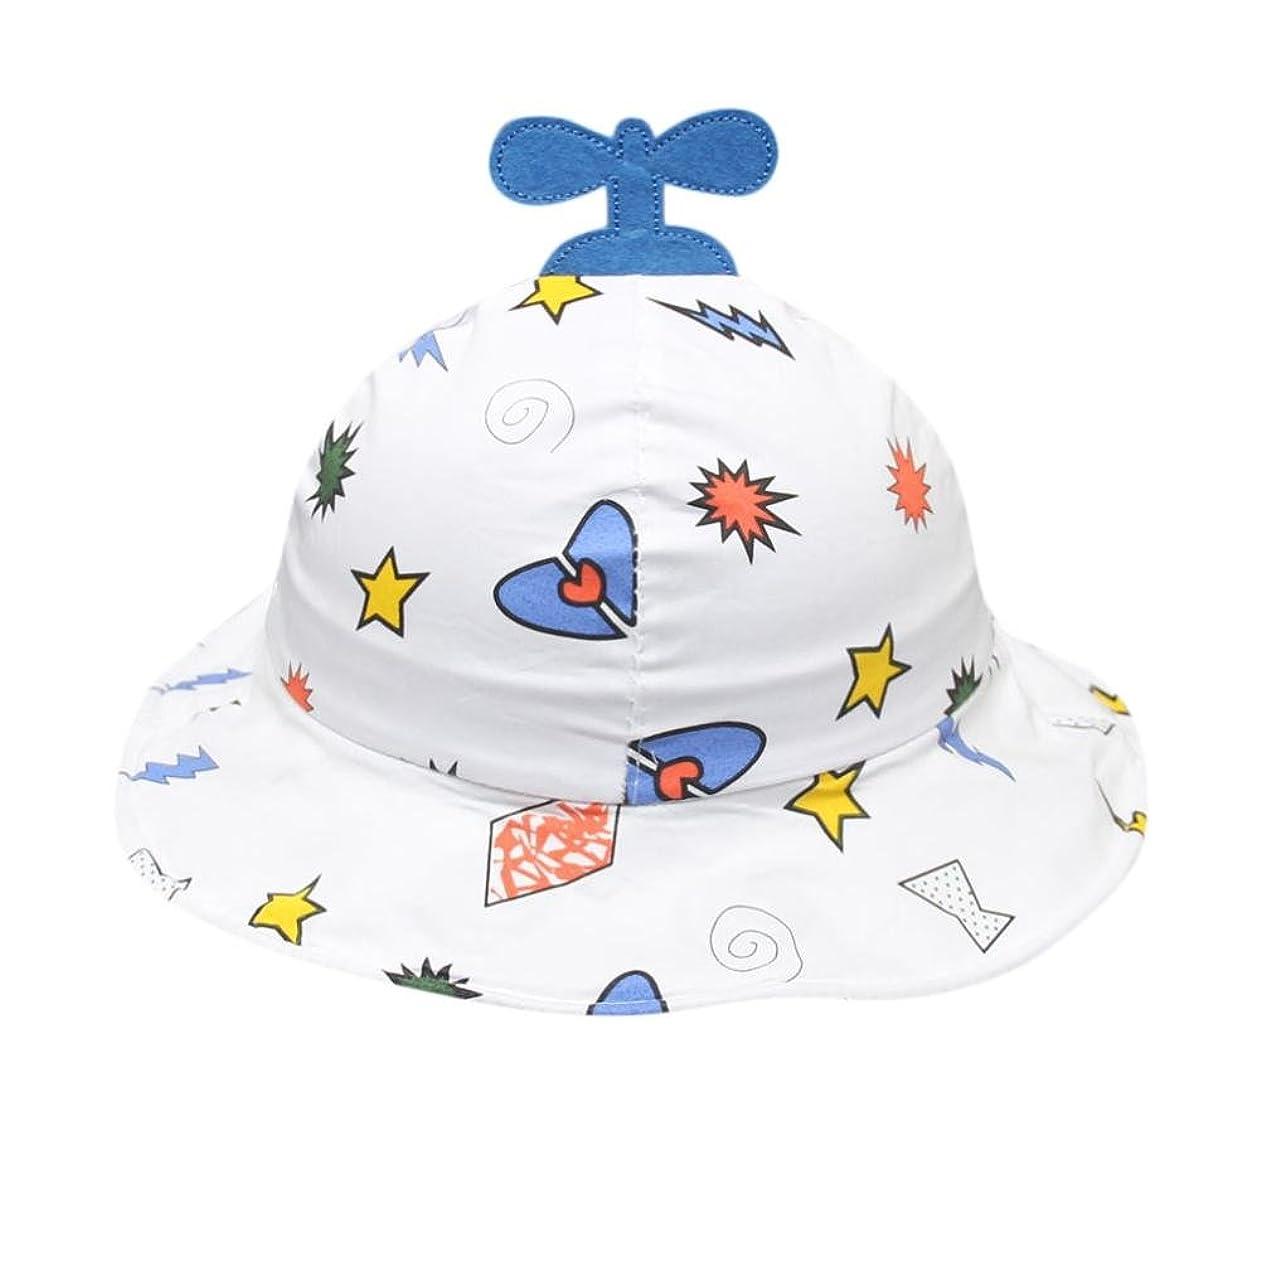 狂人交換可能代数Mhomzawa ベビー用ハット つば広 赤ちゃんキャップ キッズ 帽子 子供サンバイザー フィッシャーマンハット アニマル図案 男の子 女の子 男女児 紫外線 UVカット お出かけ かわいい